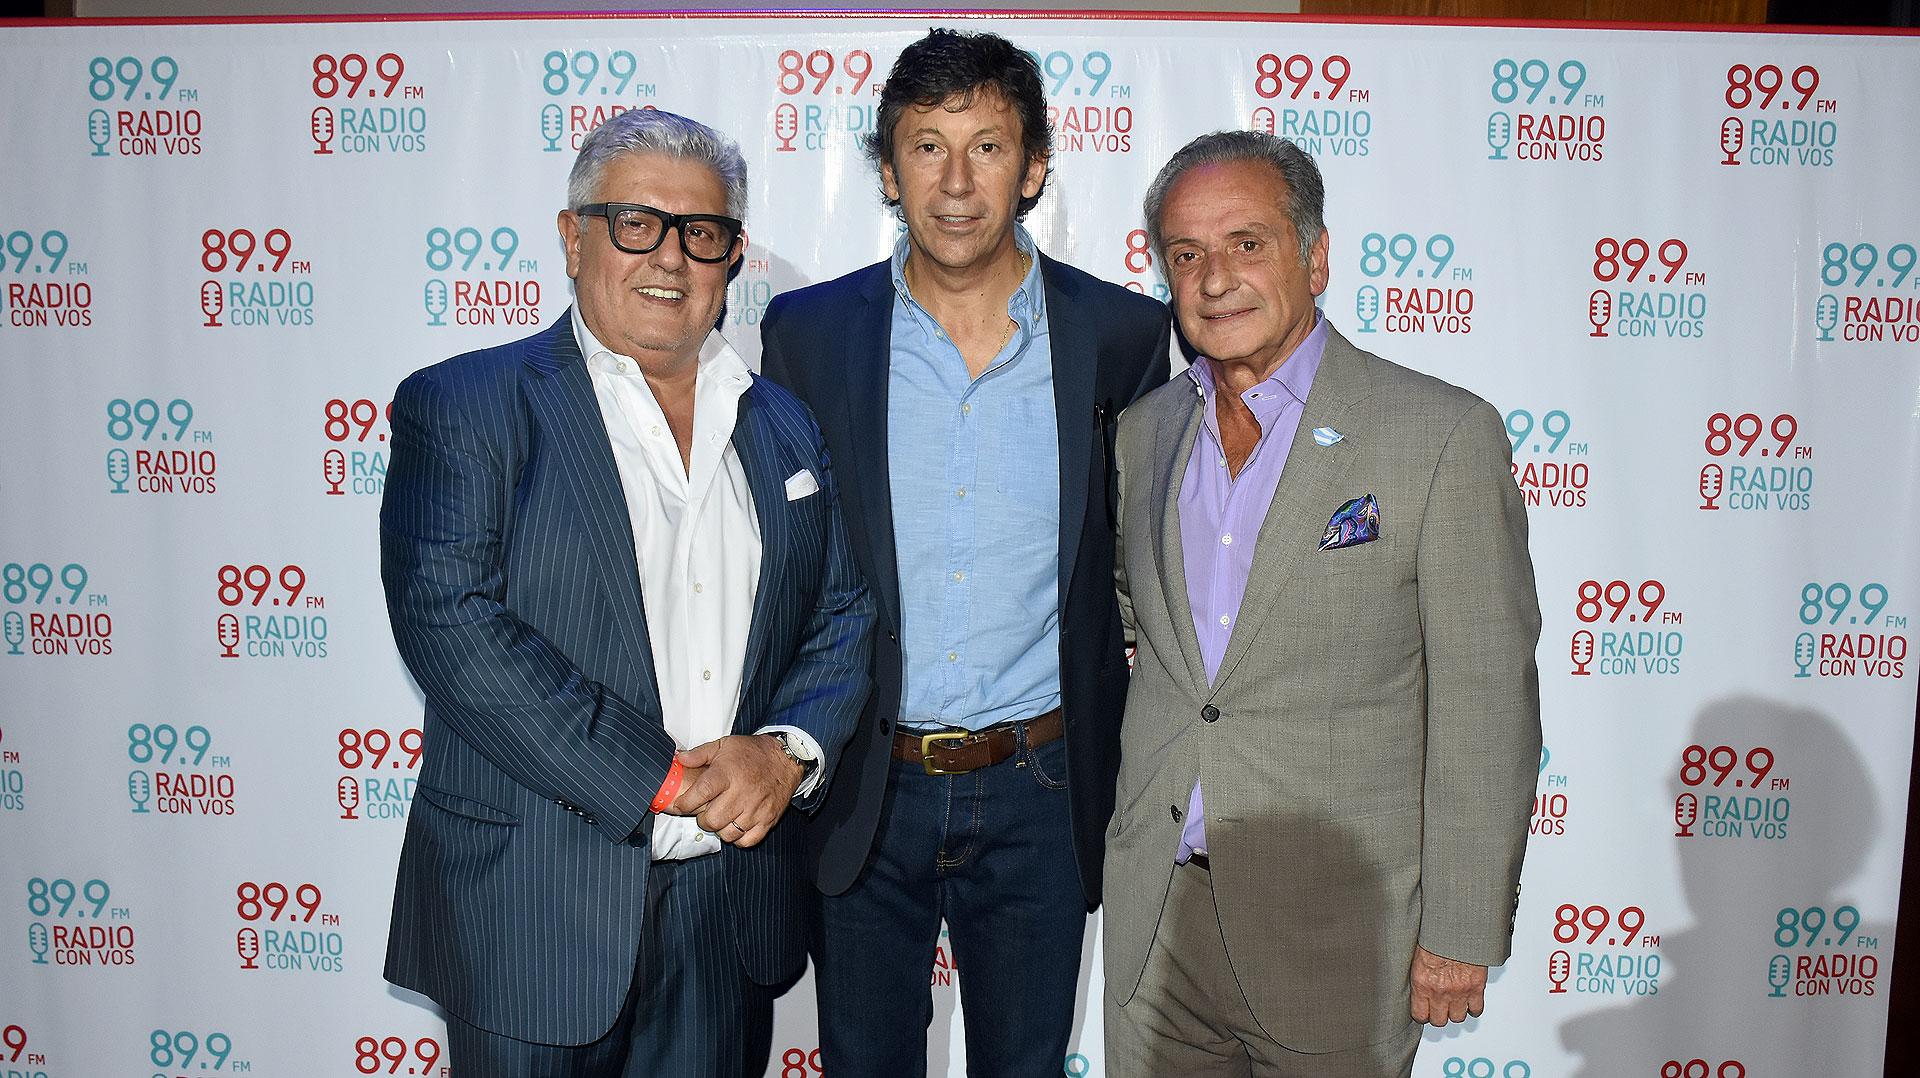 Carlos Gorosito y Beto Vijnovsky junto a Gustavo Posse, intendente de San Isidro